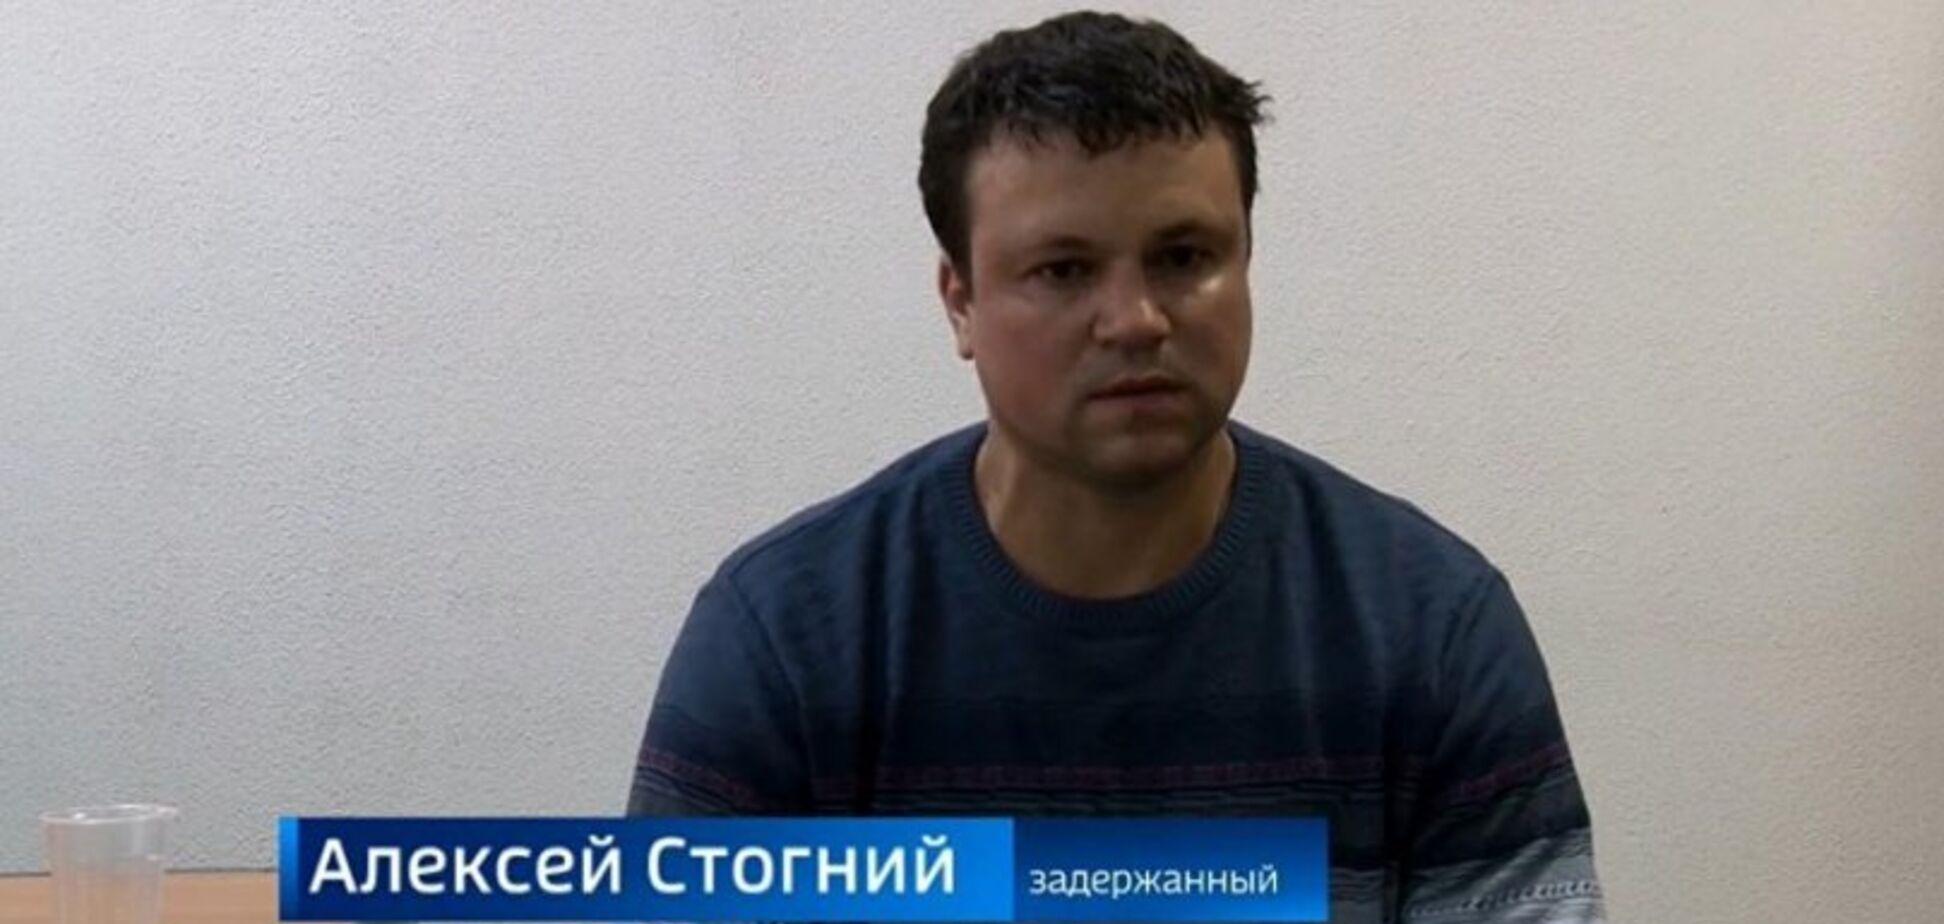 Олексій Стогній. Джерело: Скріншот